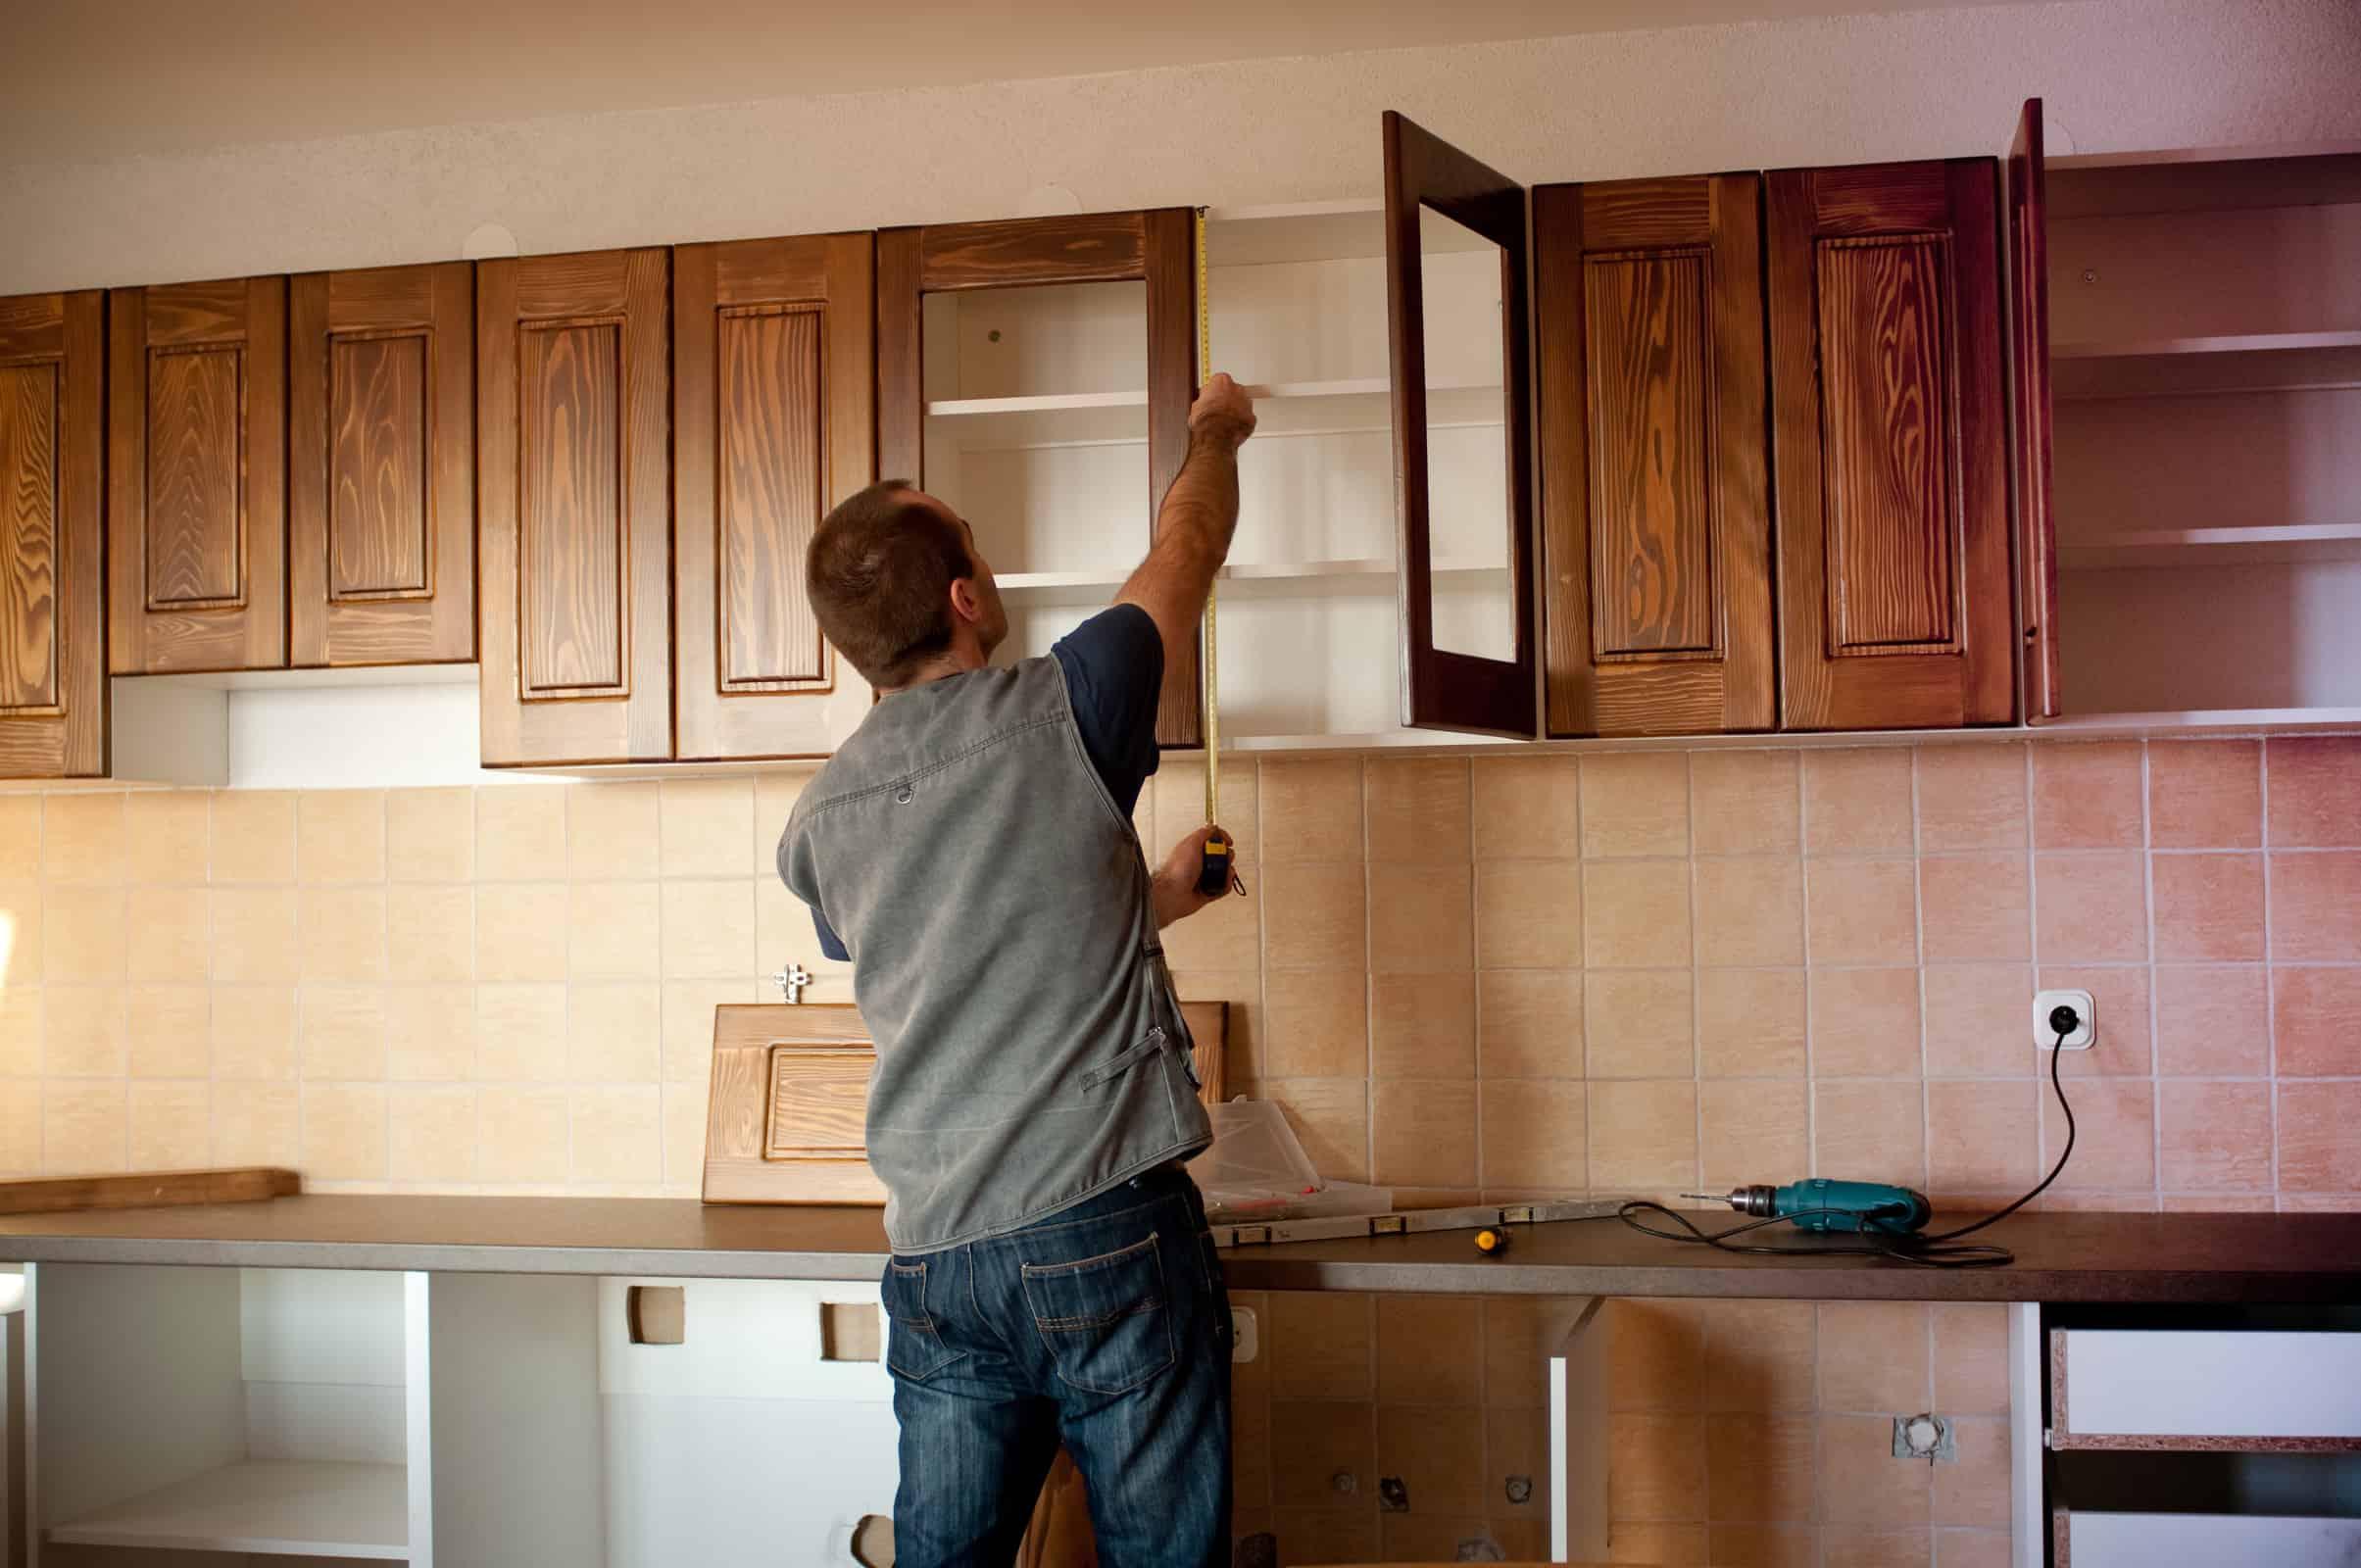 איך לשדרג את המטבח בארבע דרכים שונות